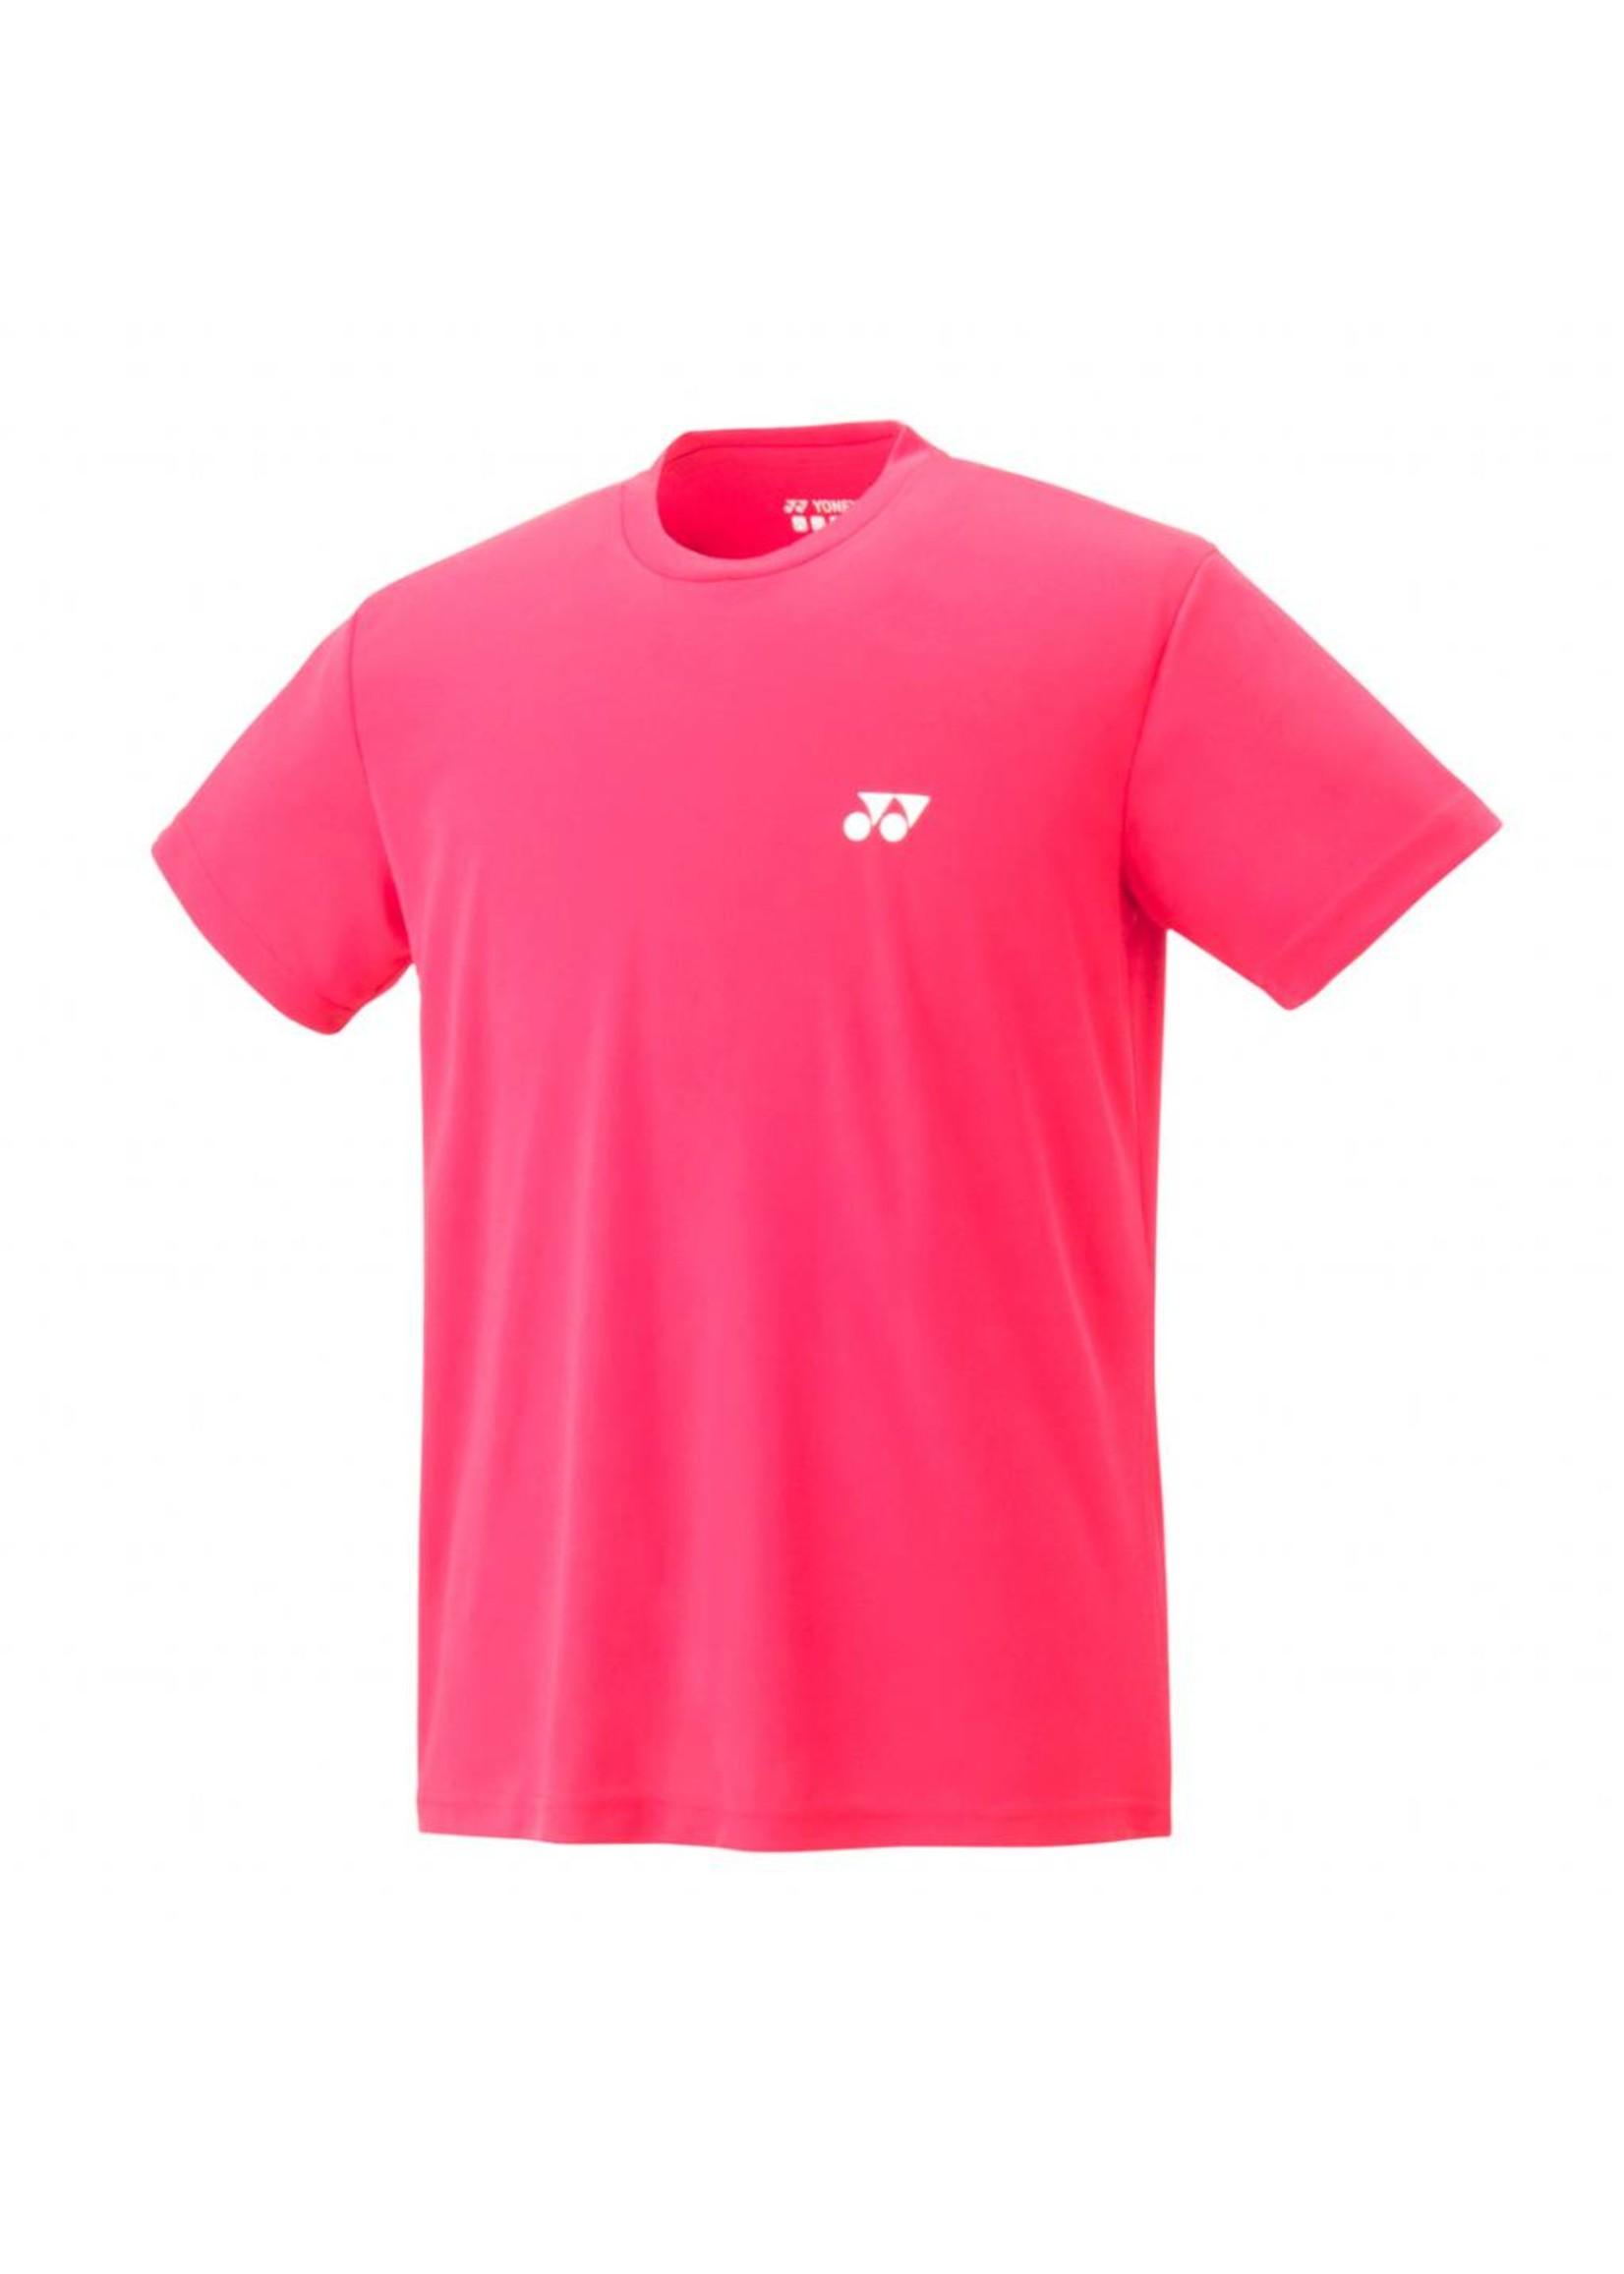 Yonex Yonex LT 1025 EX T-Shirt (2019)